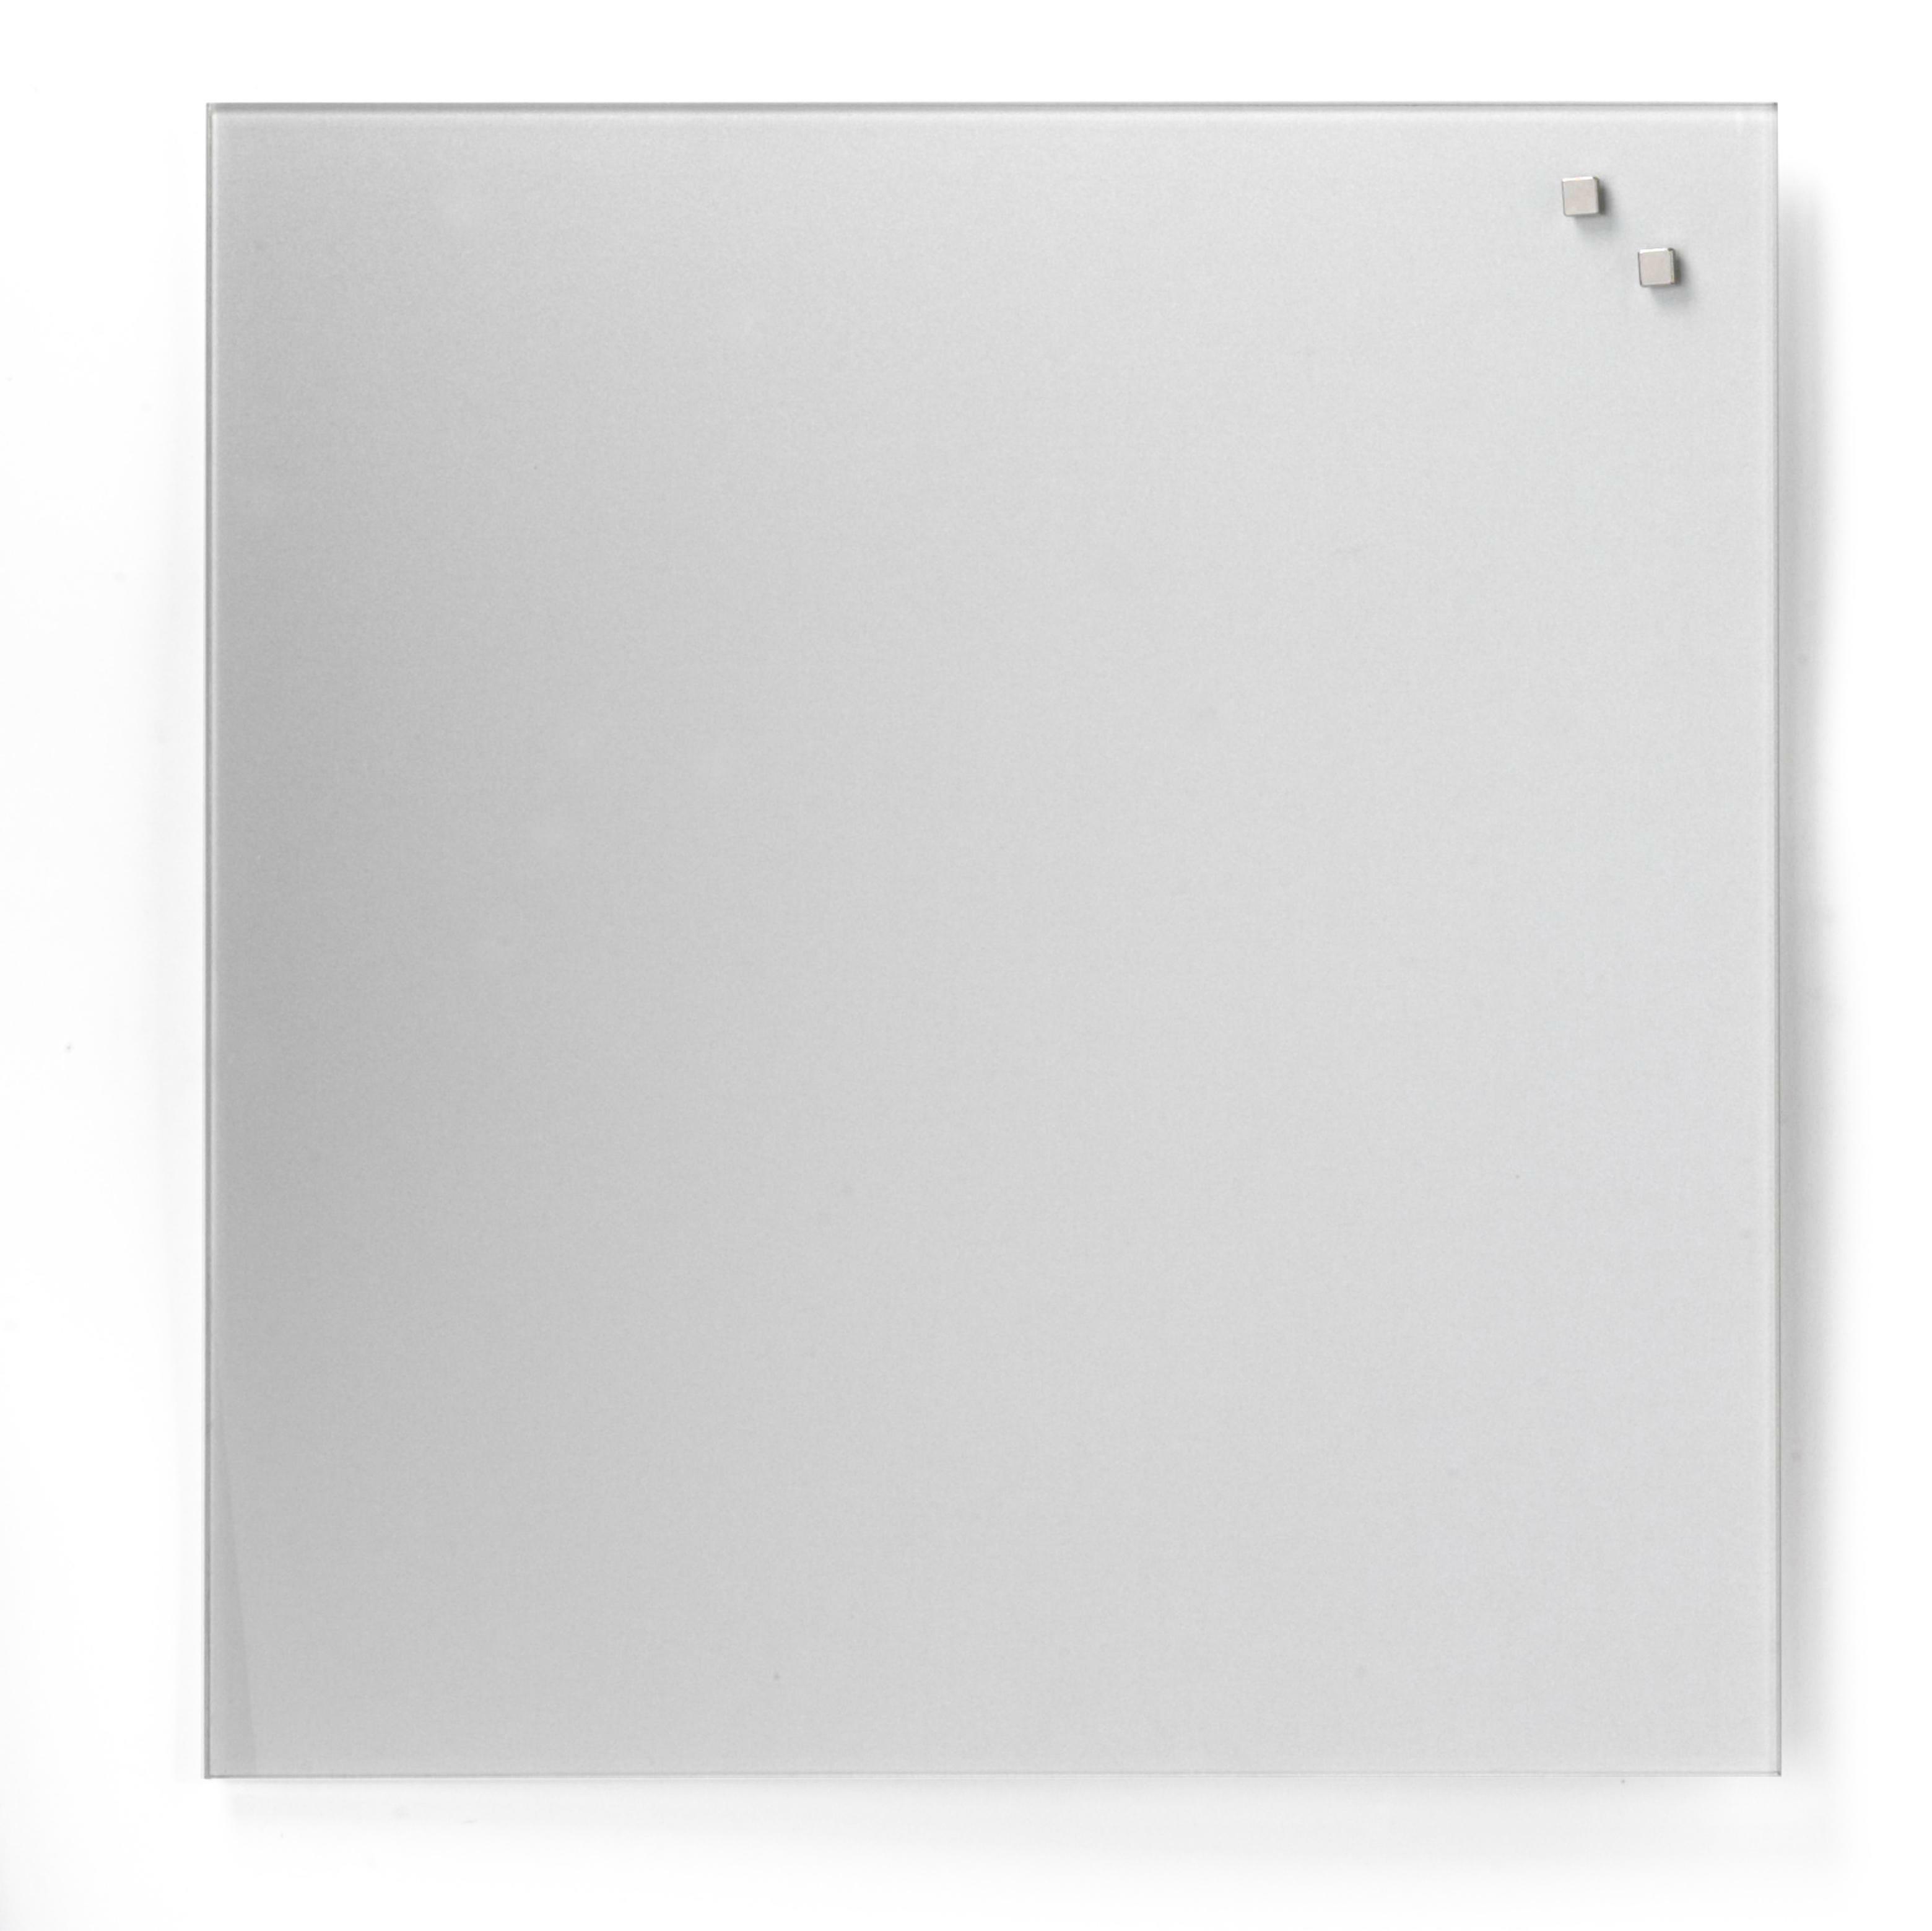 Tabule magnetické skleněné - 45 x 45 cm / stříbrná